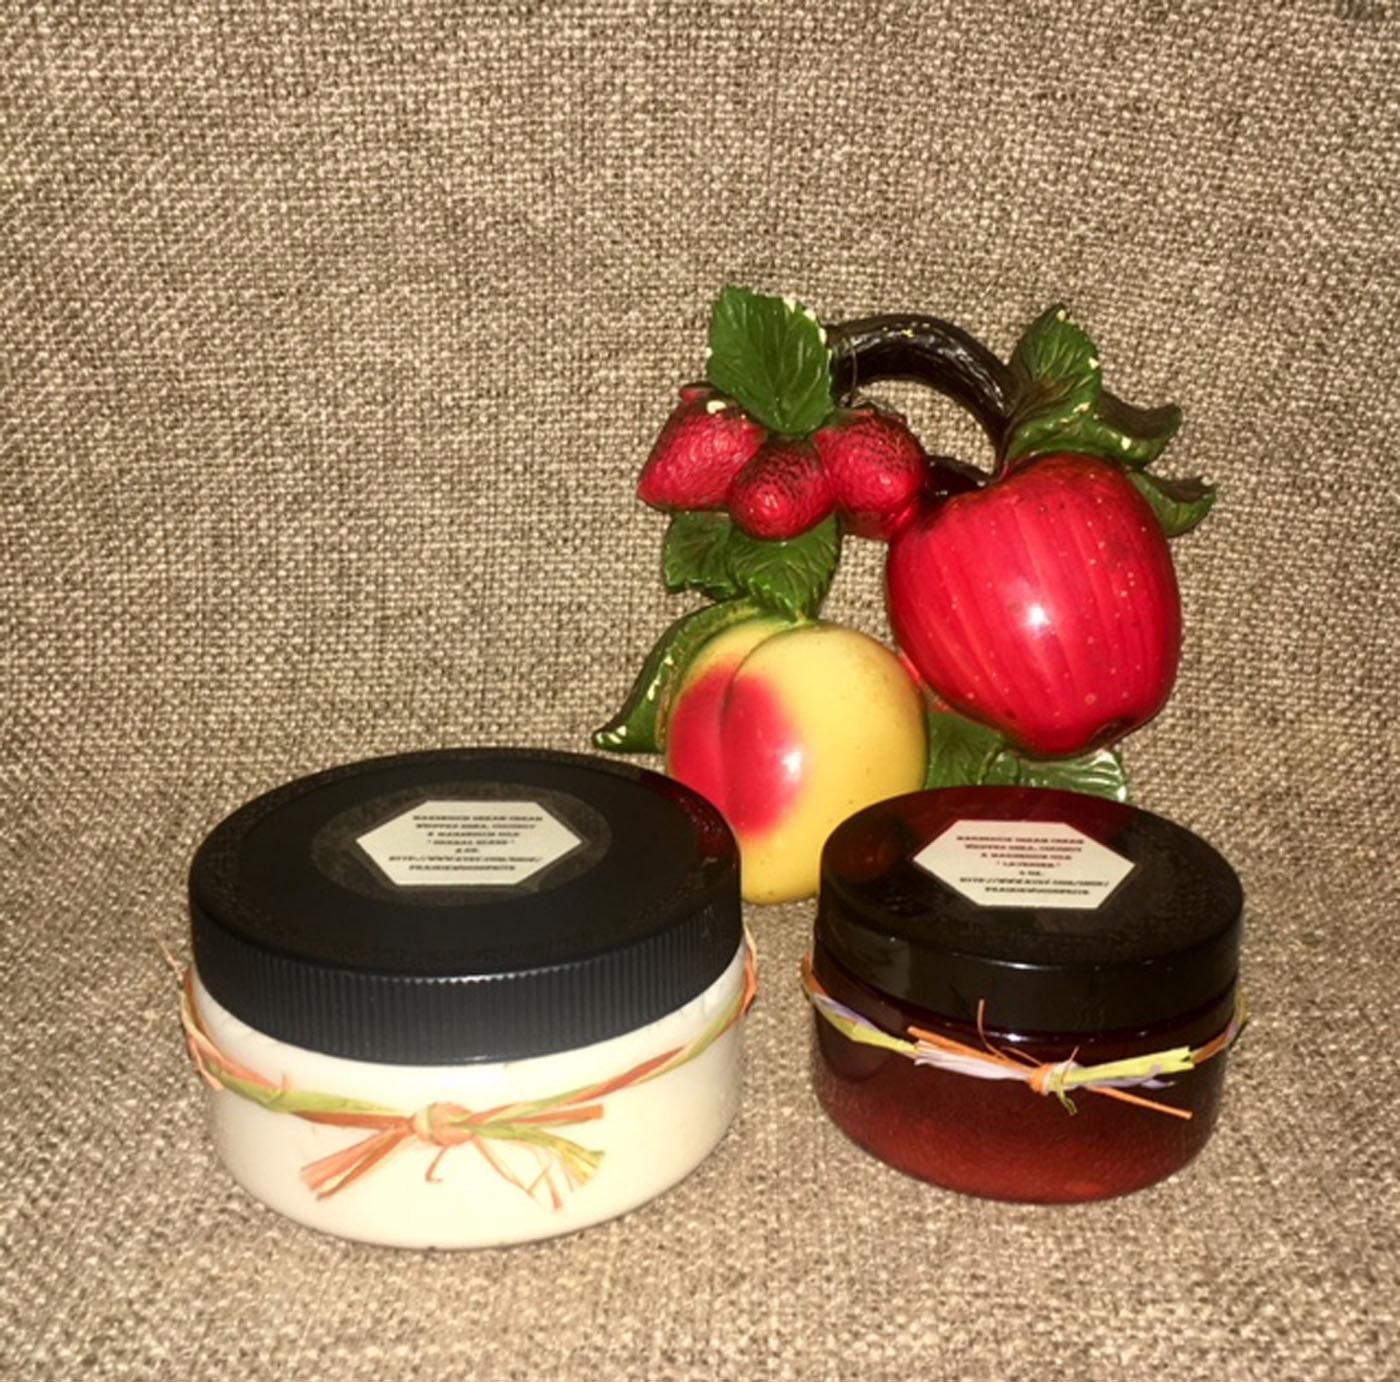 Jake's Blend Buffalo & Mutton Tallow Cream - Workman's Healing Hands Blend 4oz - image 5